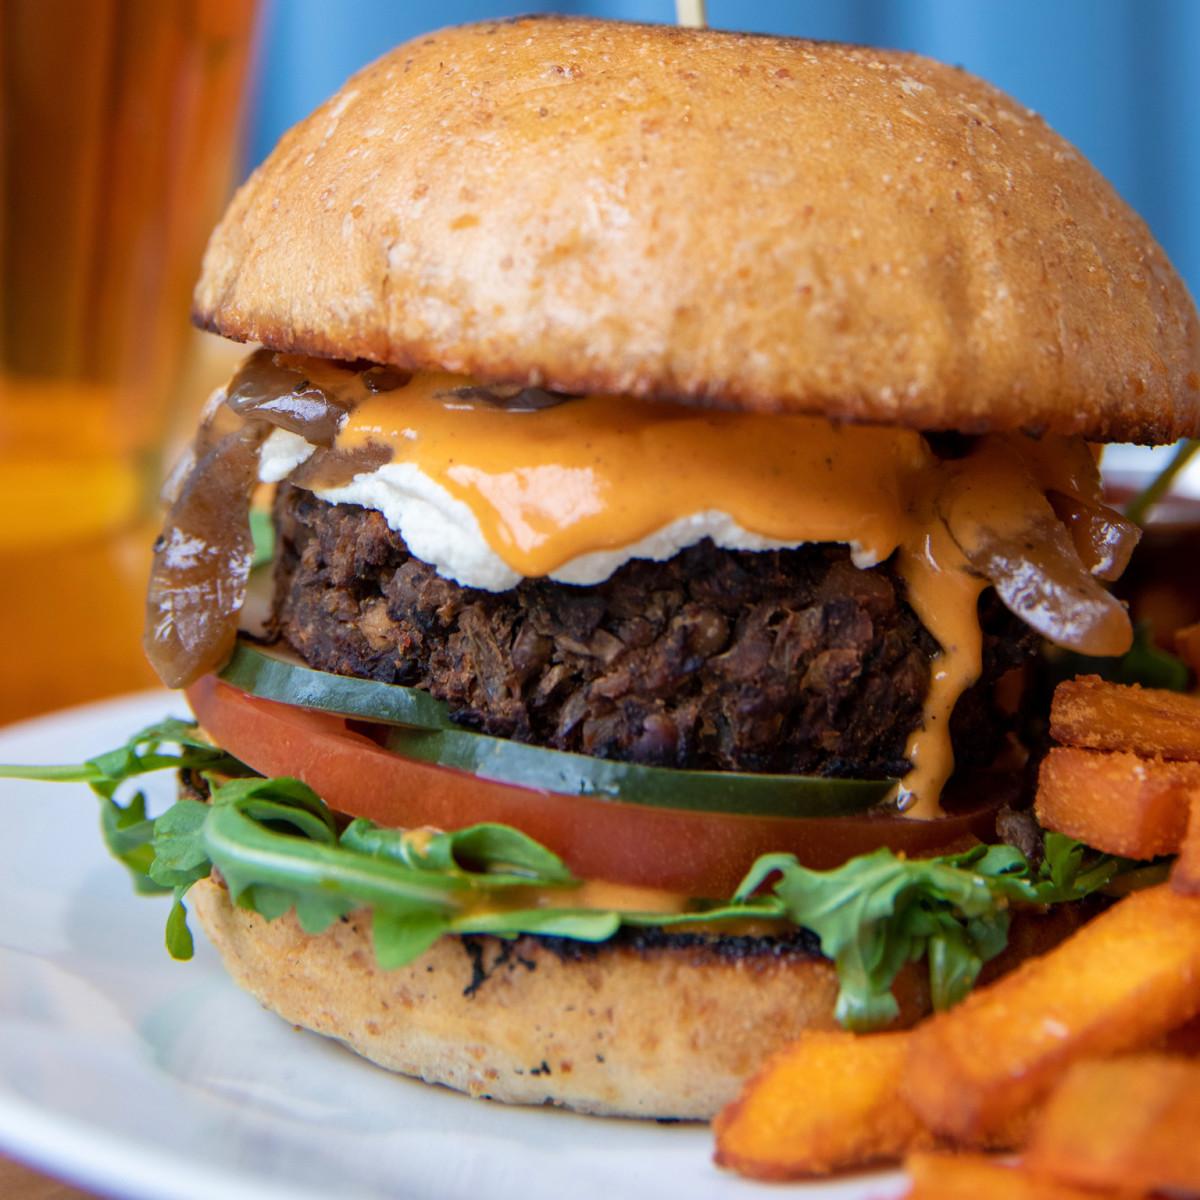 Verdine Waterworks cheeseburger